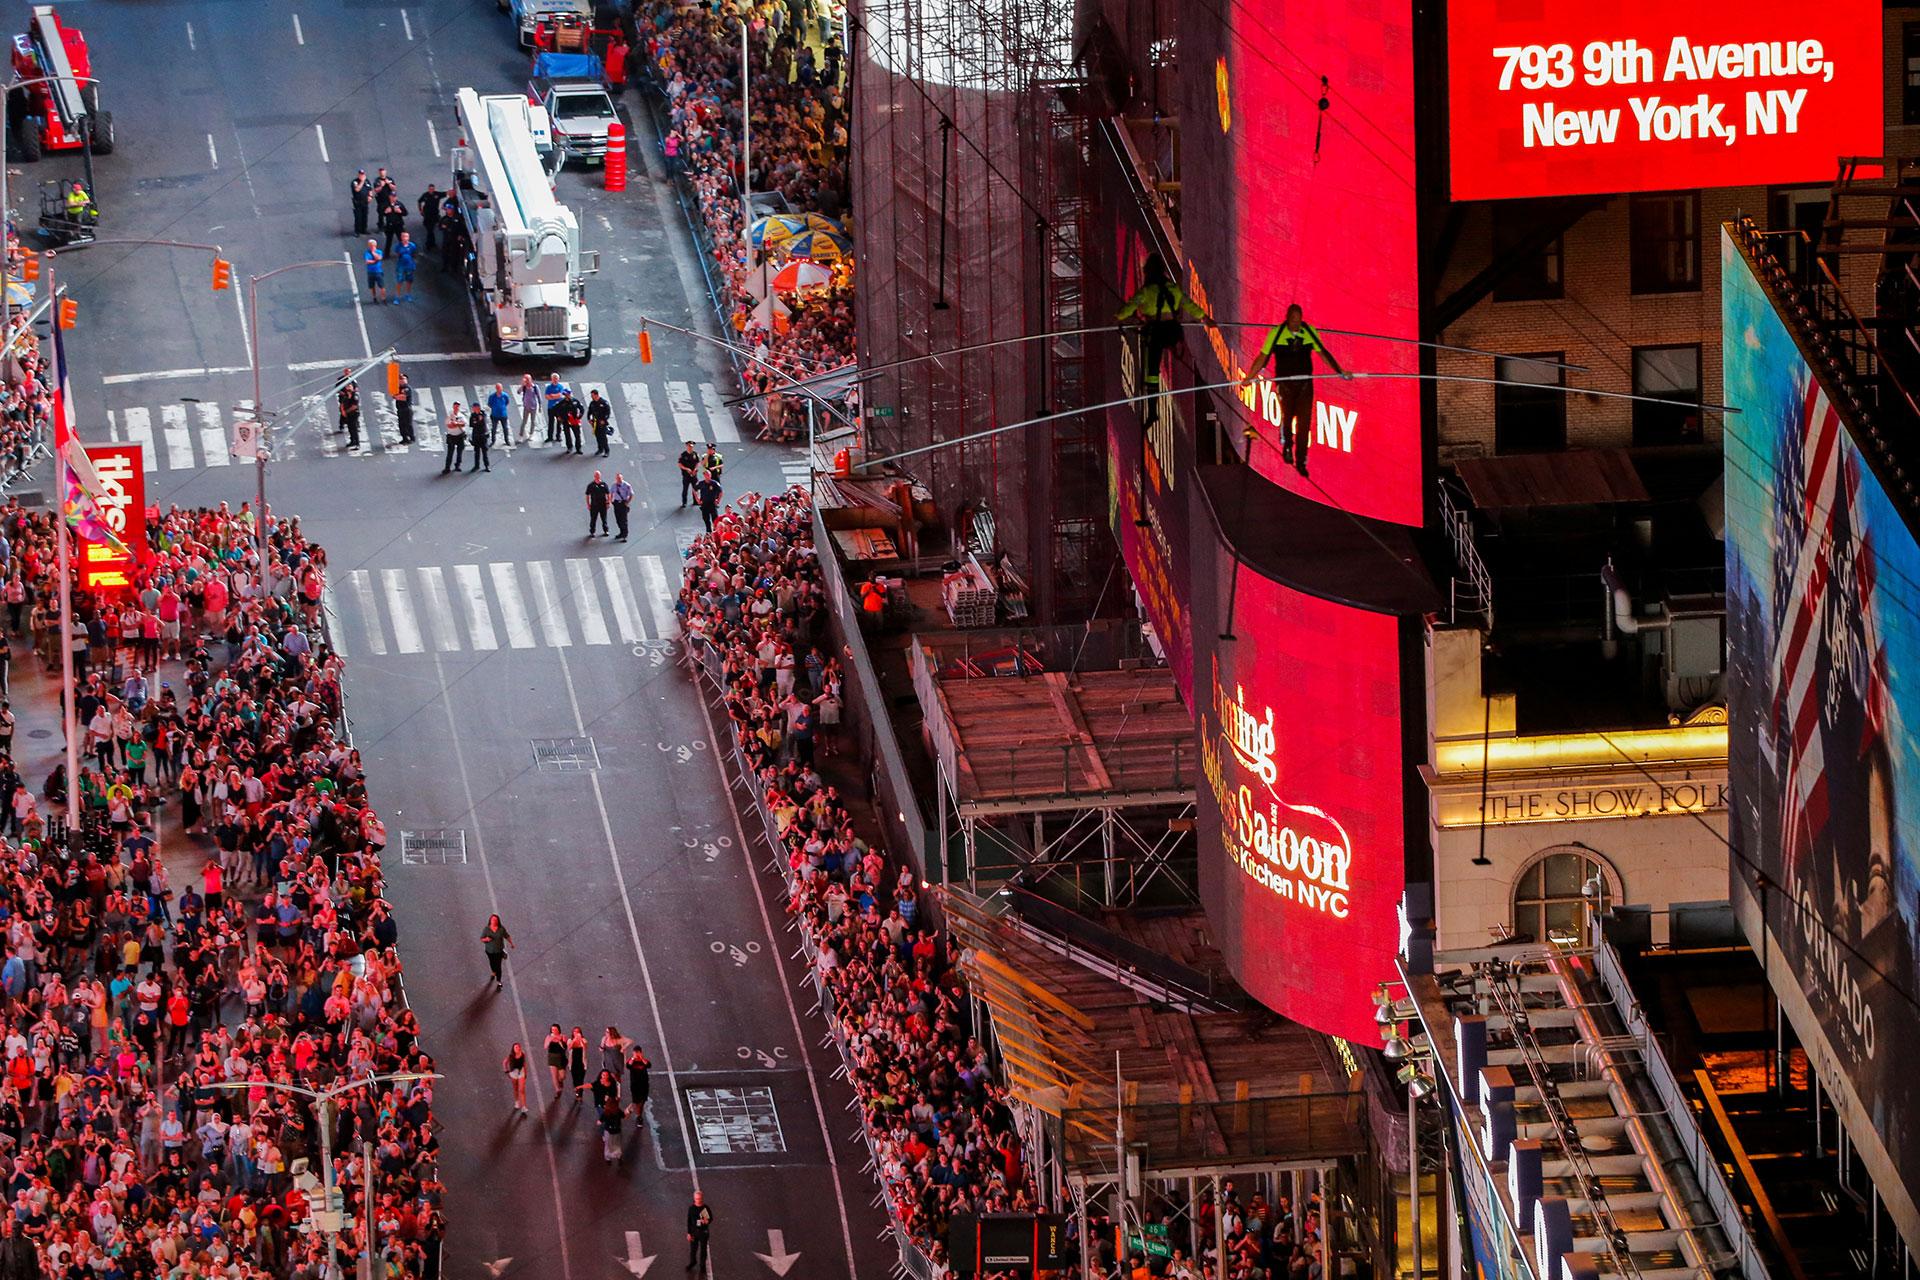 Los hermano Wallenda, Nik y Lijana, cruzaron en direcciones opuestas la cuerda floja de 396 metros suspendida sobre Times Square.